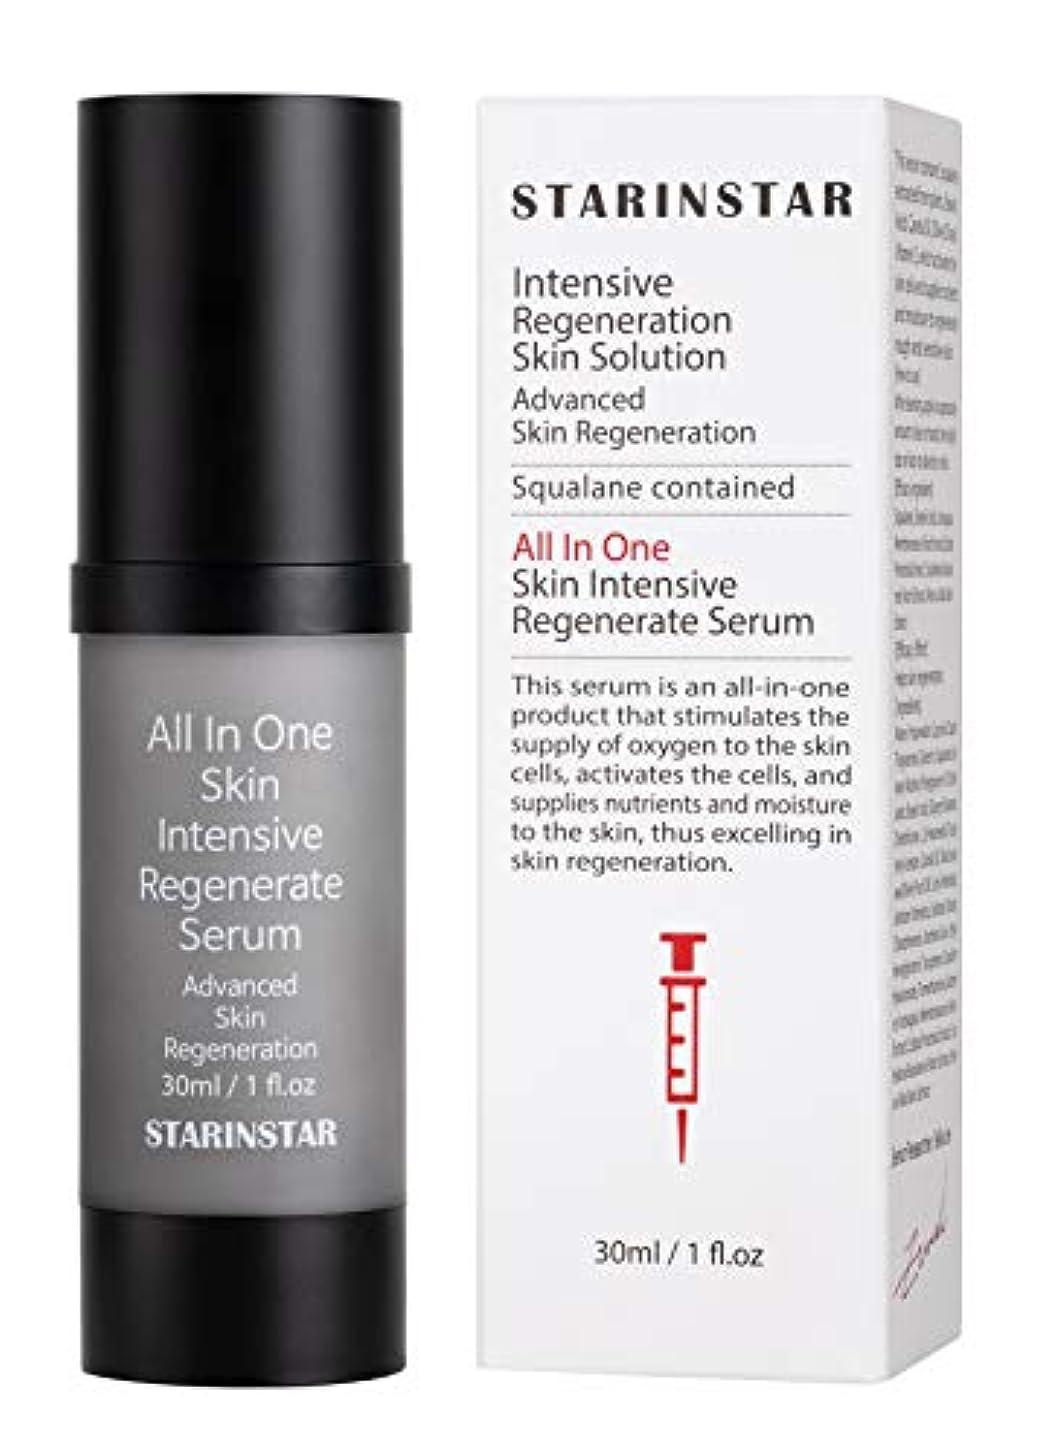 変なレジ動かす[STARINSTAR] All In One Skin Intensive Regenerate Serum, オールインスキンインテンシブリジェネレートセラム、高度なスキンリジェネレーションソリューション、植物性スクアラン...